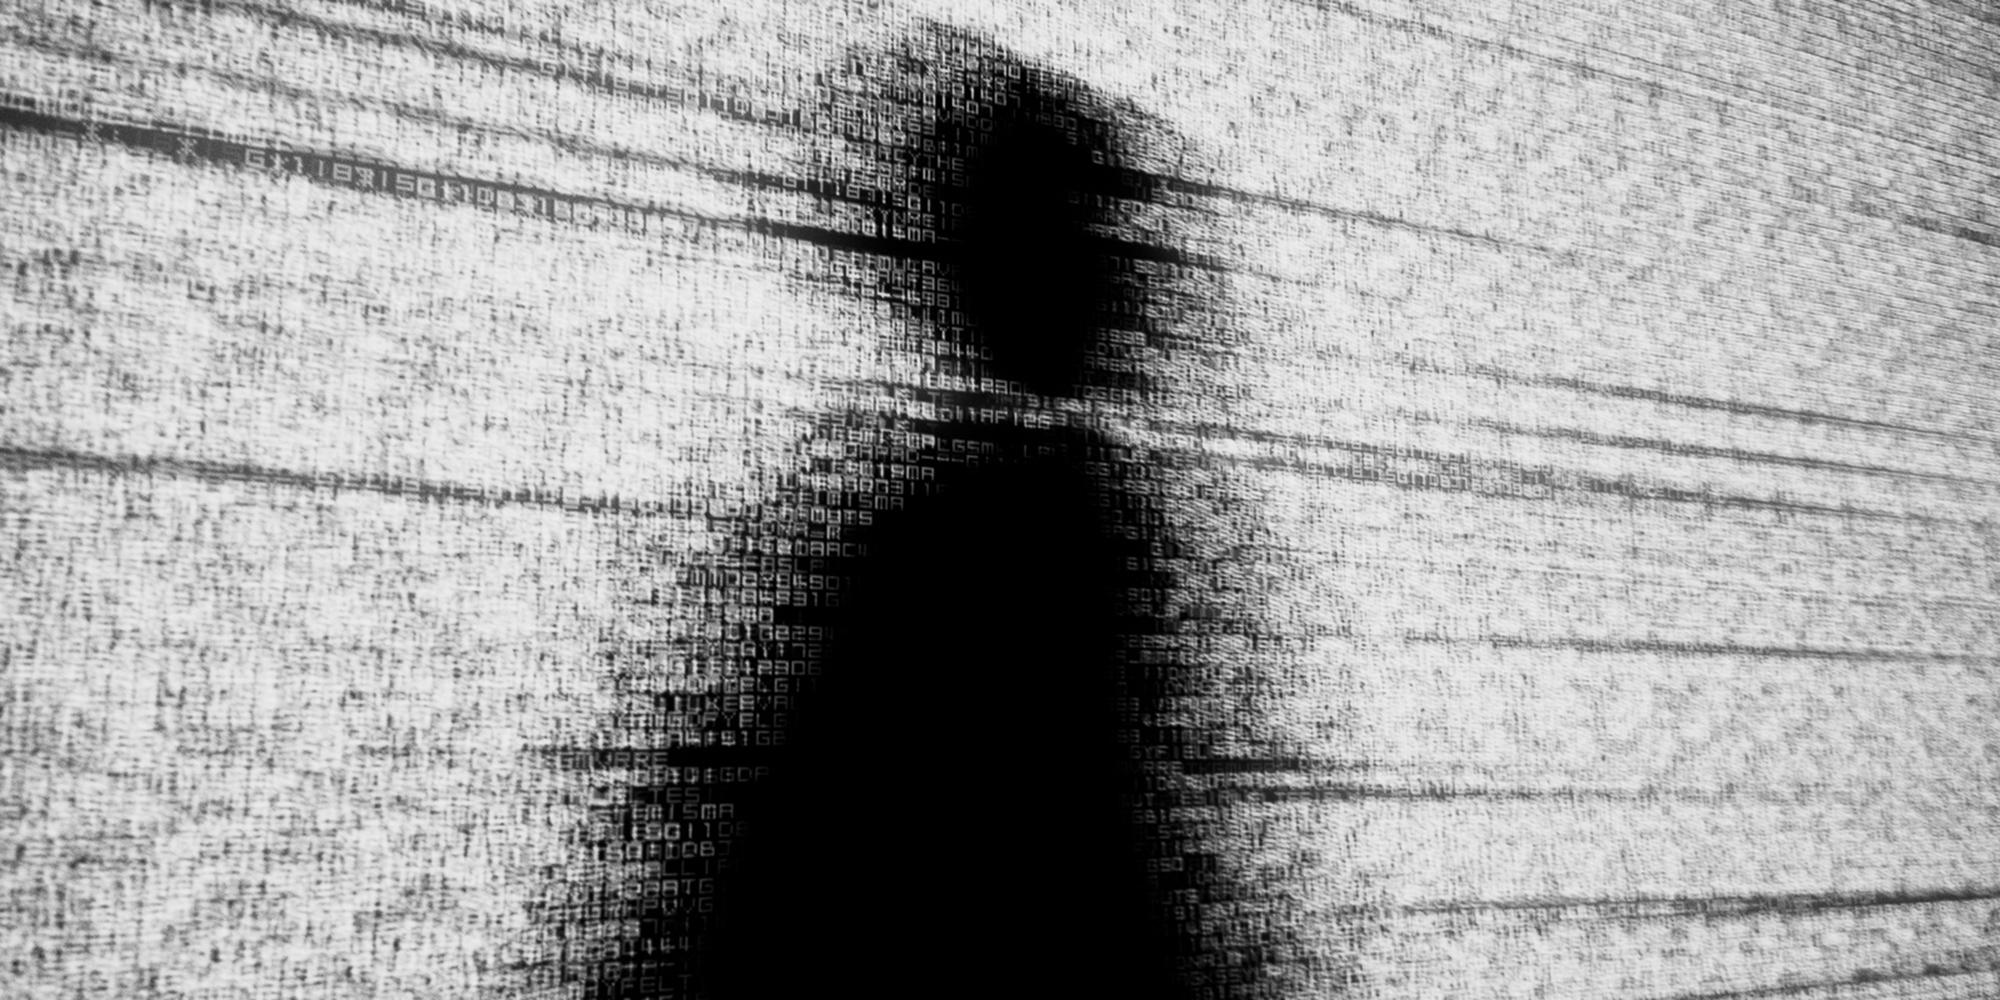 Modernità e smarrimento dell'uomo: un nesso indissolubile?